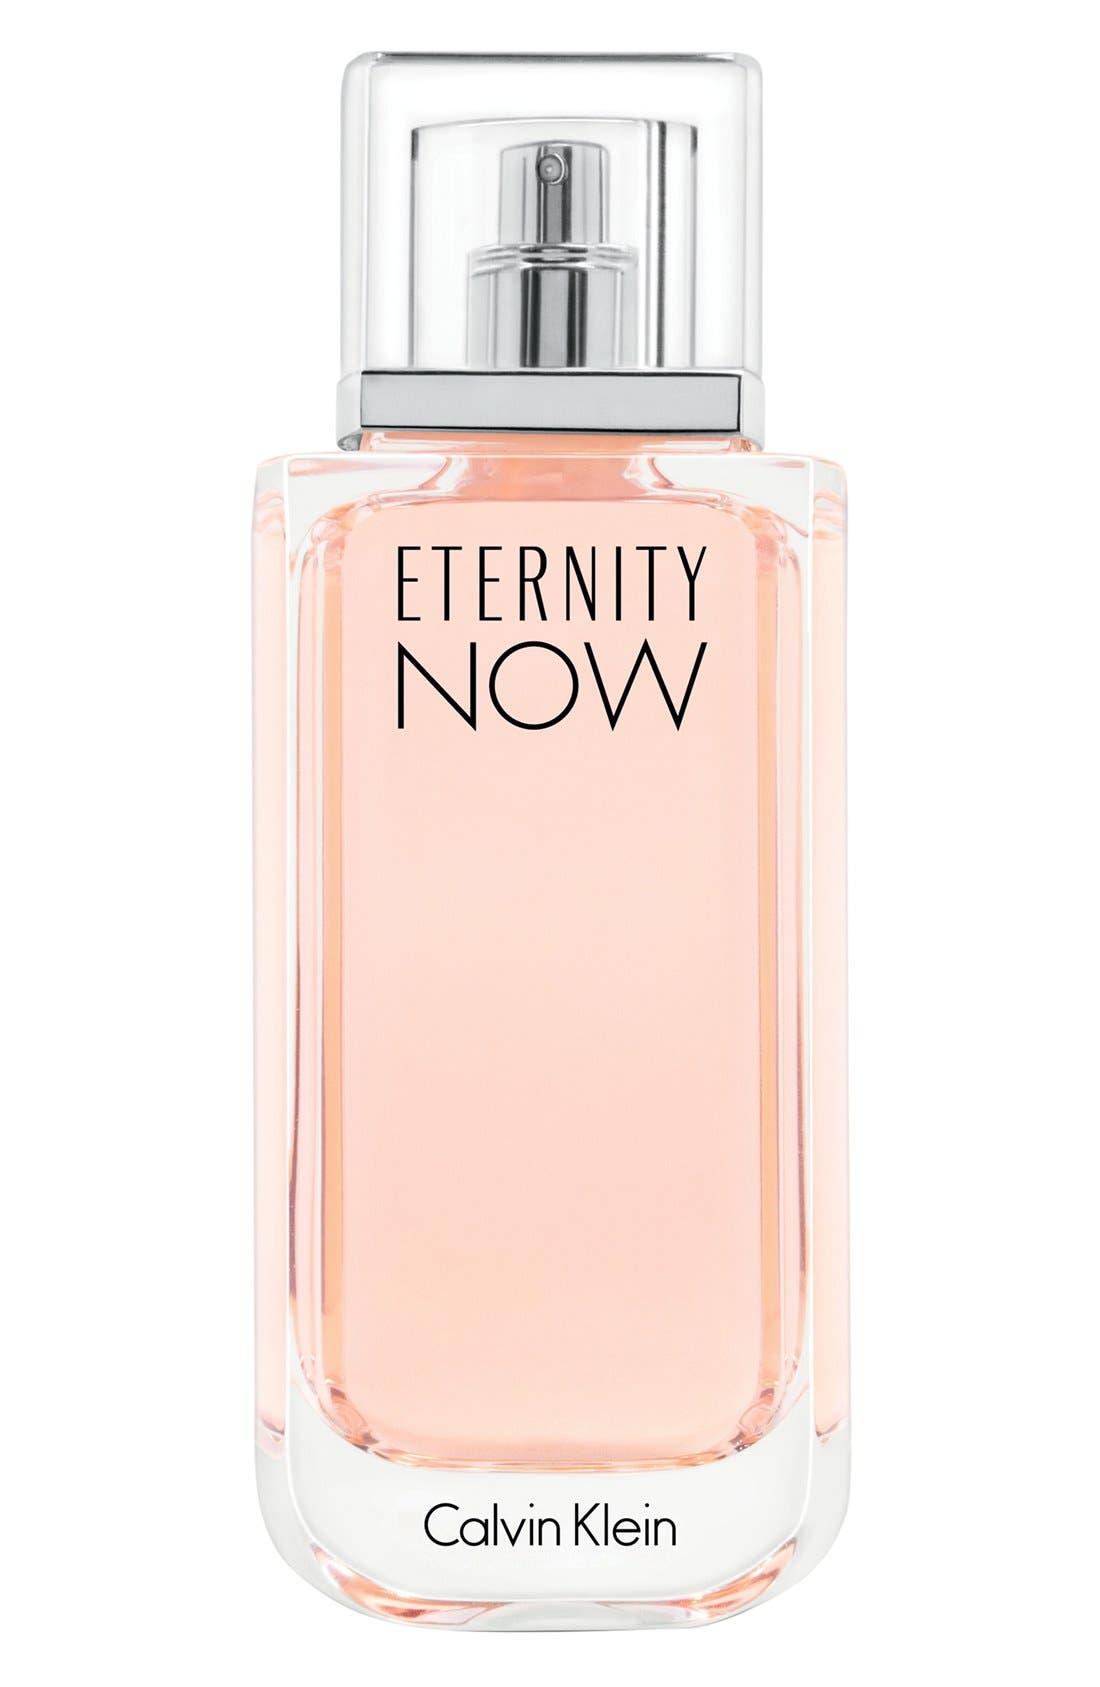 Image of Calvin Klein Eternity Now Eau de Parfum - 50ml.